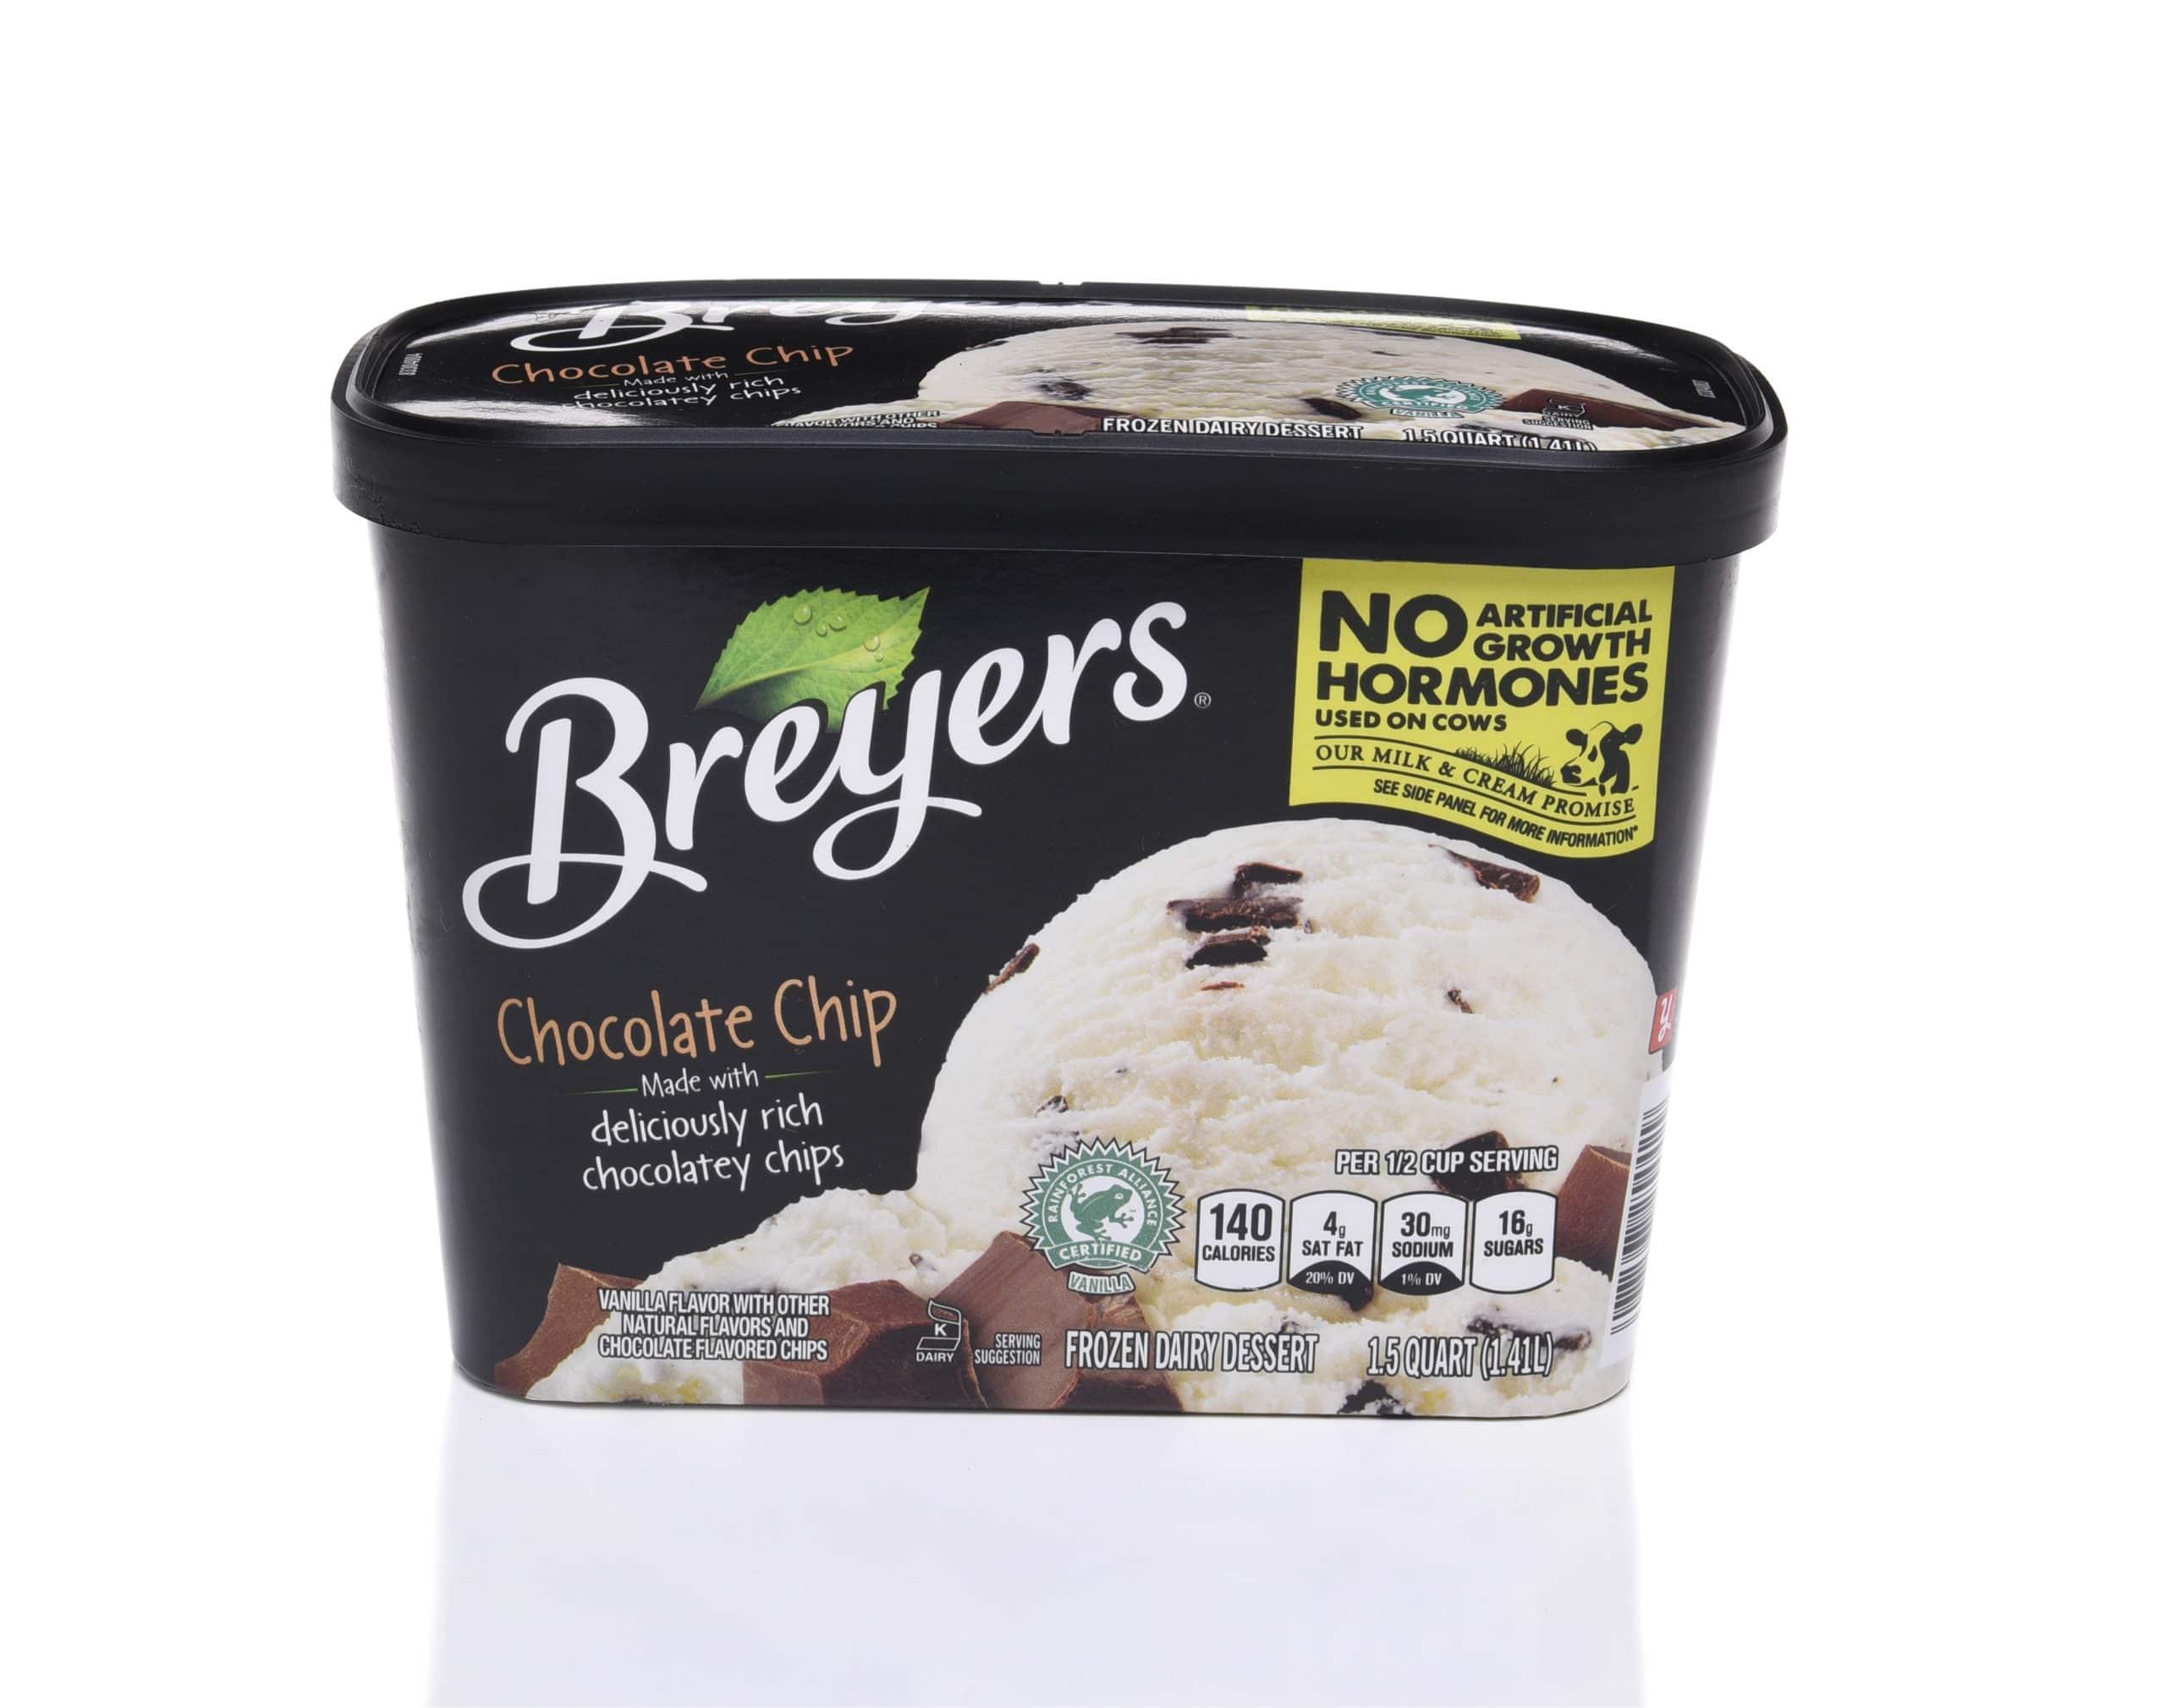 Breyers Ice Cream Container